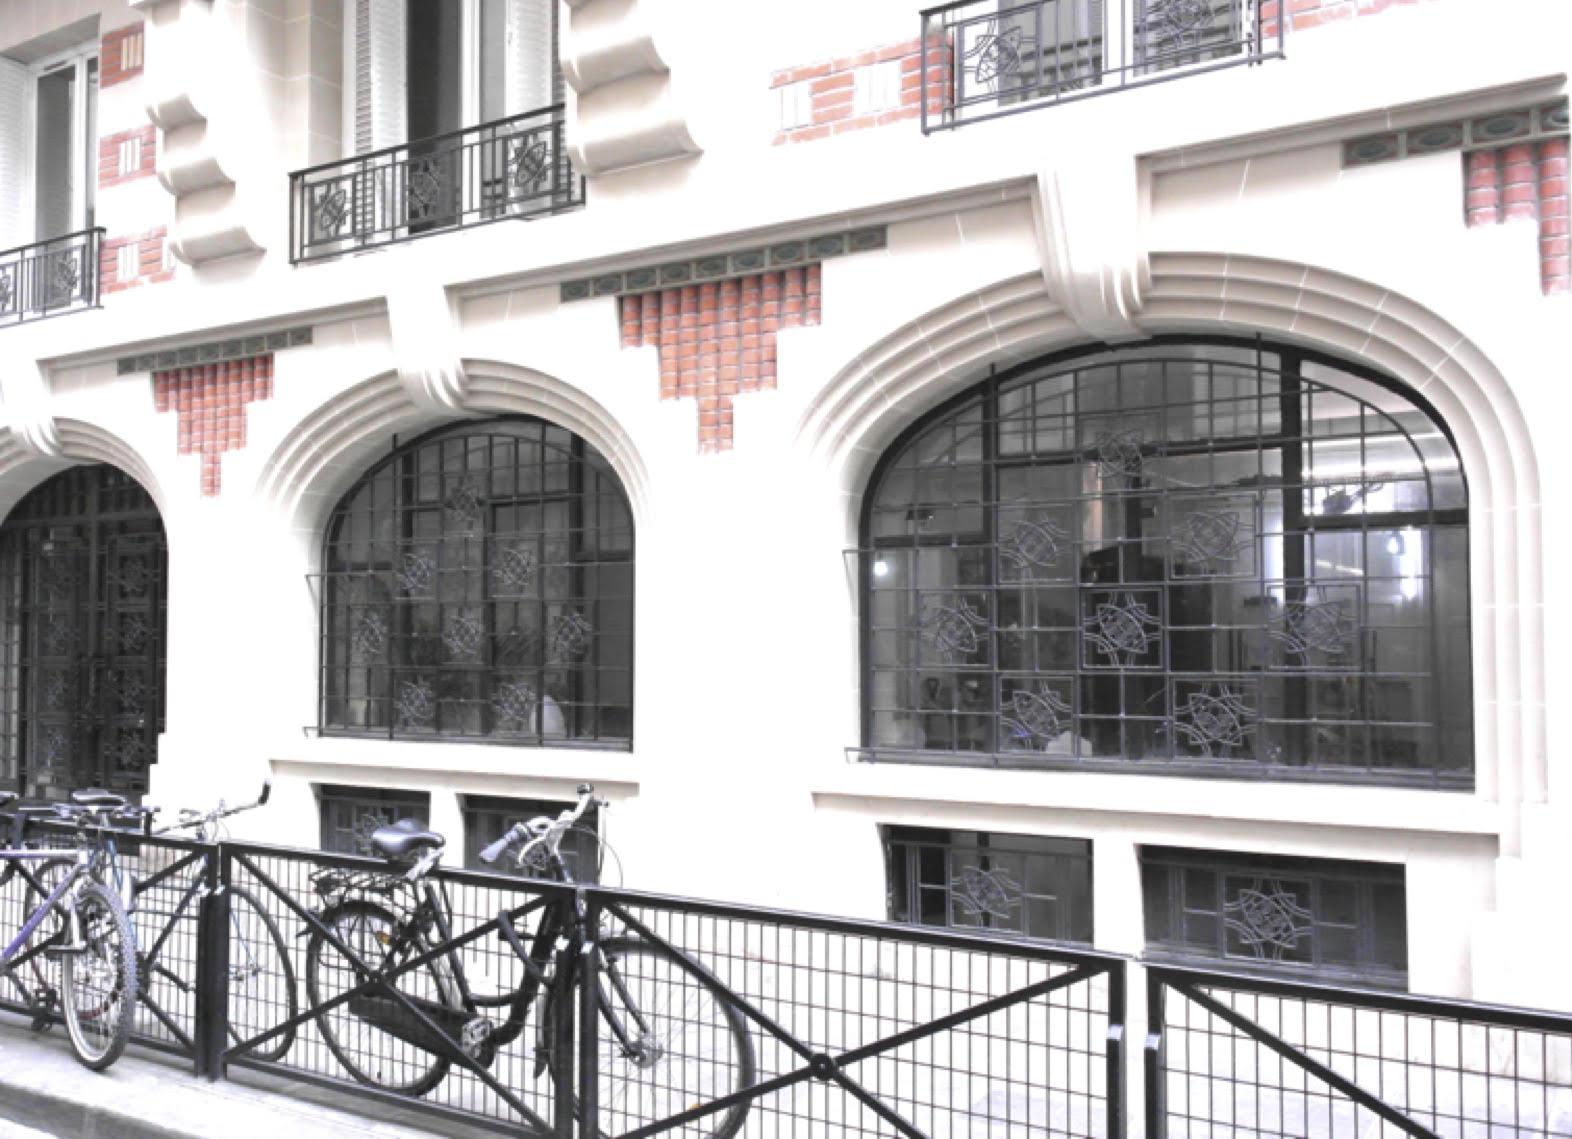 Mi Galerie - La galerie mi* propose une curation transversale, explorant les territoires de la création digitale New Media autant que la photo, l'installation, la sculpture, et la peinture. La Galerie mi* est à la recherche d'un nouveau modèle de lieu d'art et de culture. L'ensemble des directions de mi* se réunissent dans un lieu, le mi* Ground : www.miground.paris23 rue Chapon, 75003 Pariswww.miground.paris,